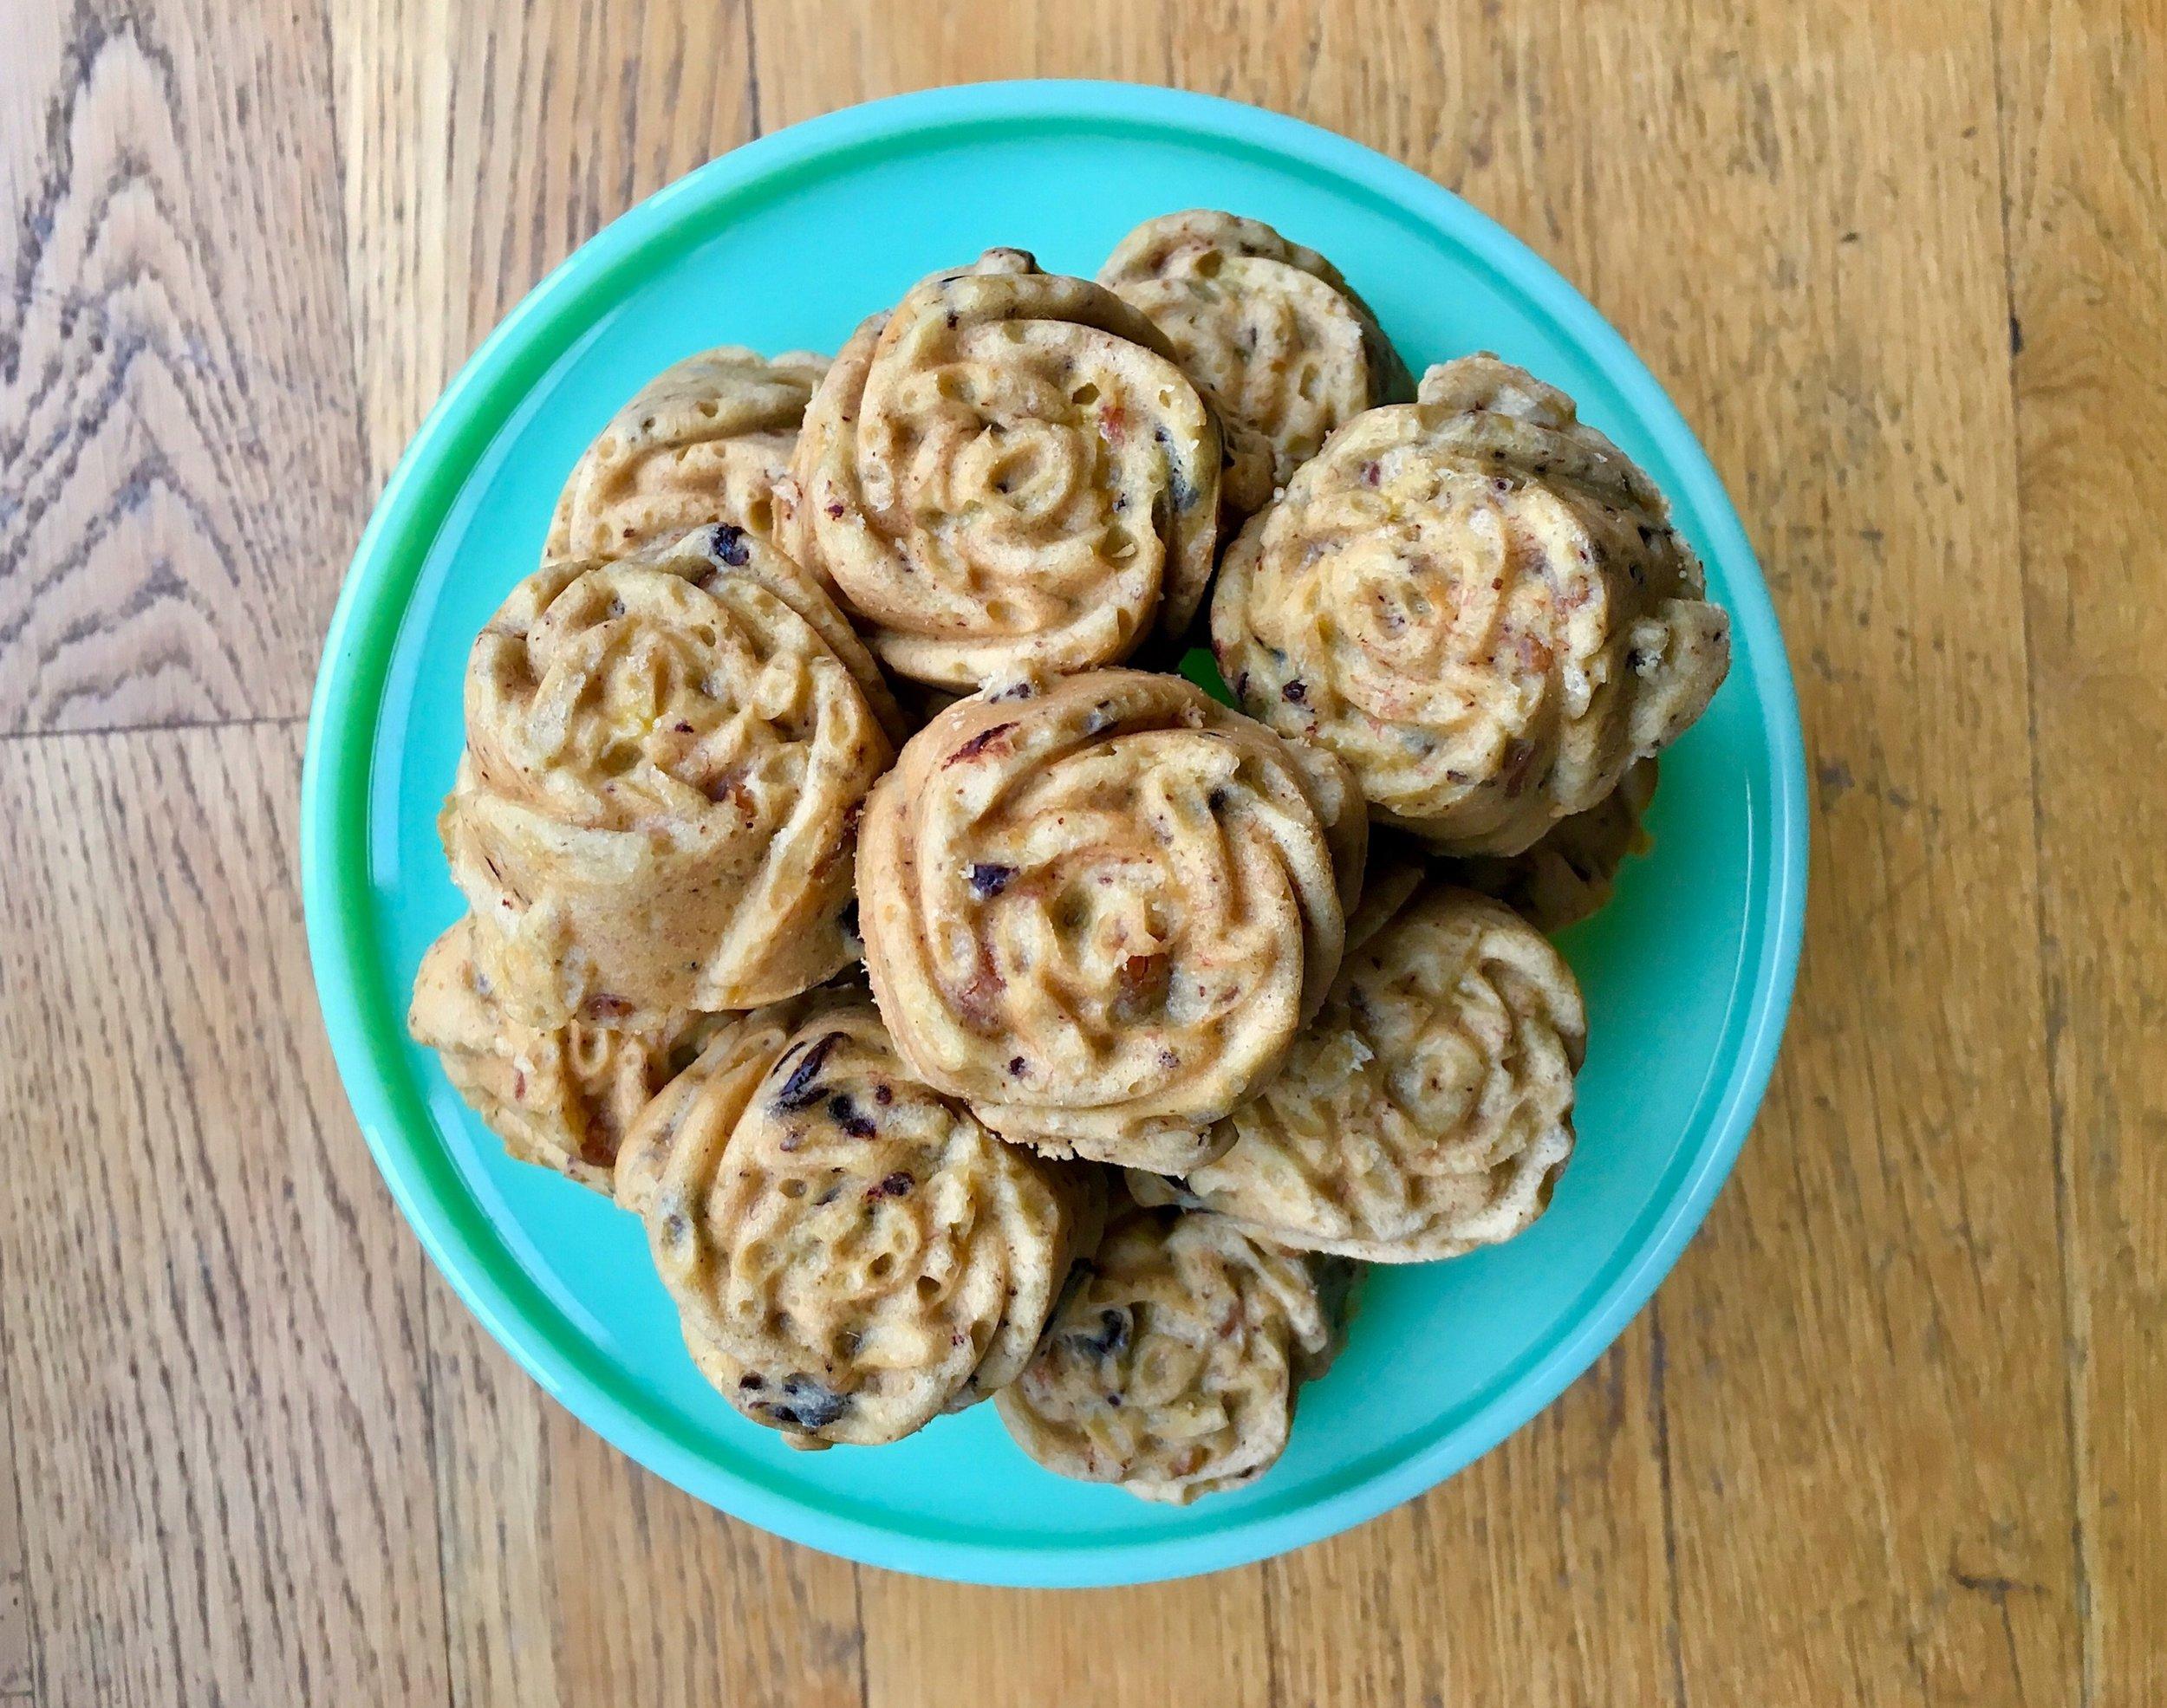 pb banana choc muffins3.jpg